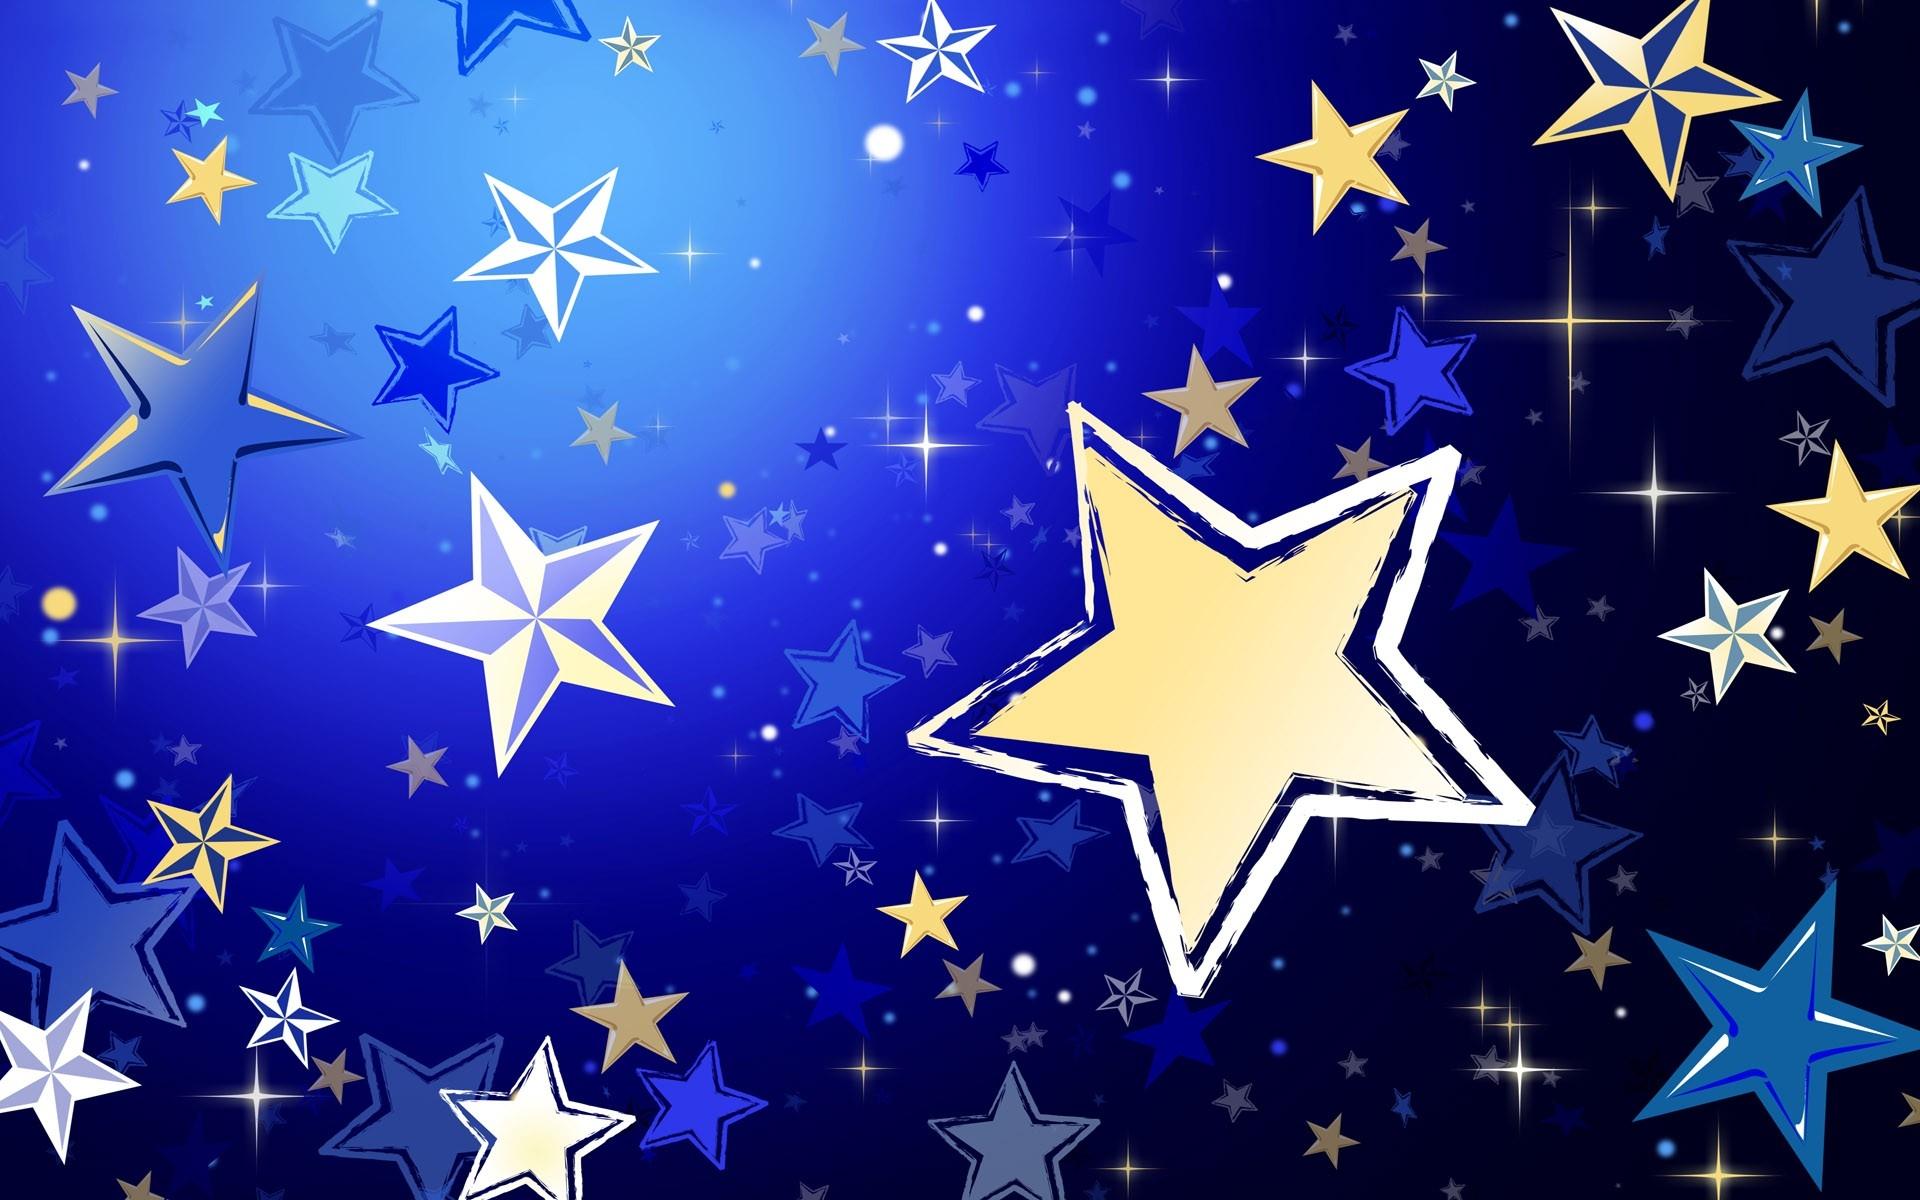 Звезды для детей фото